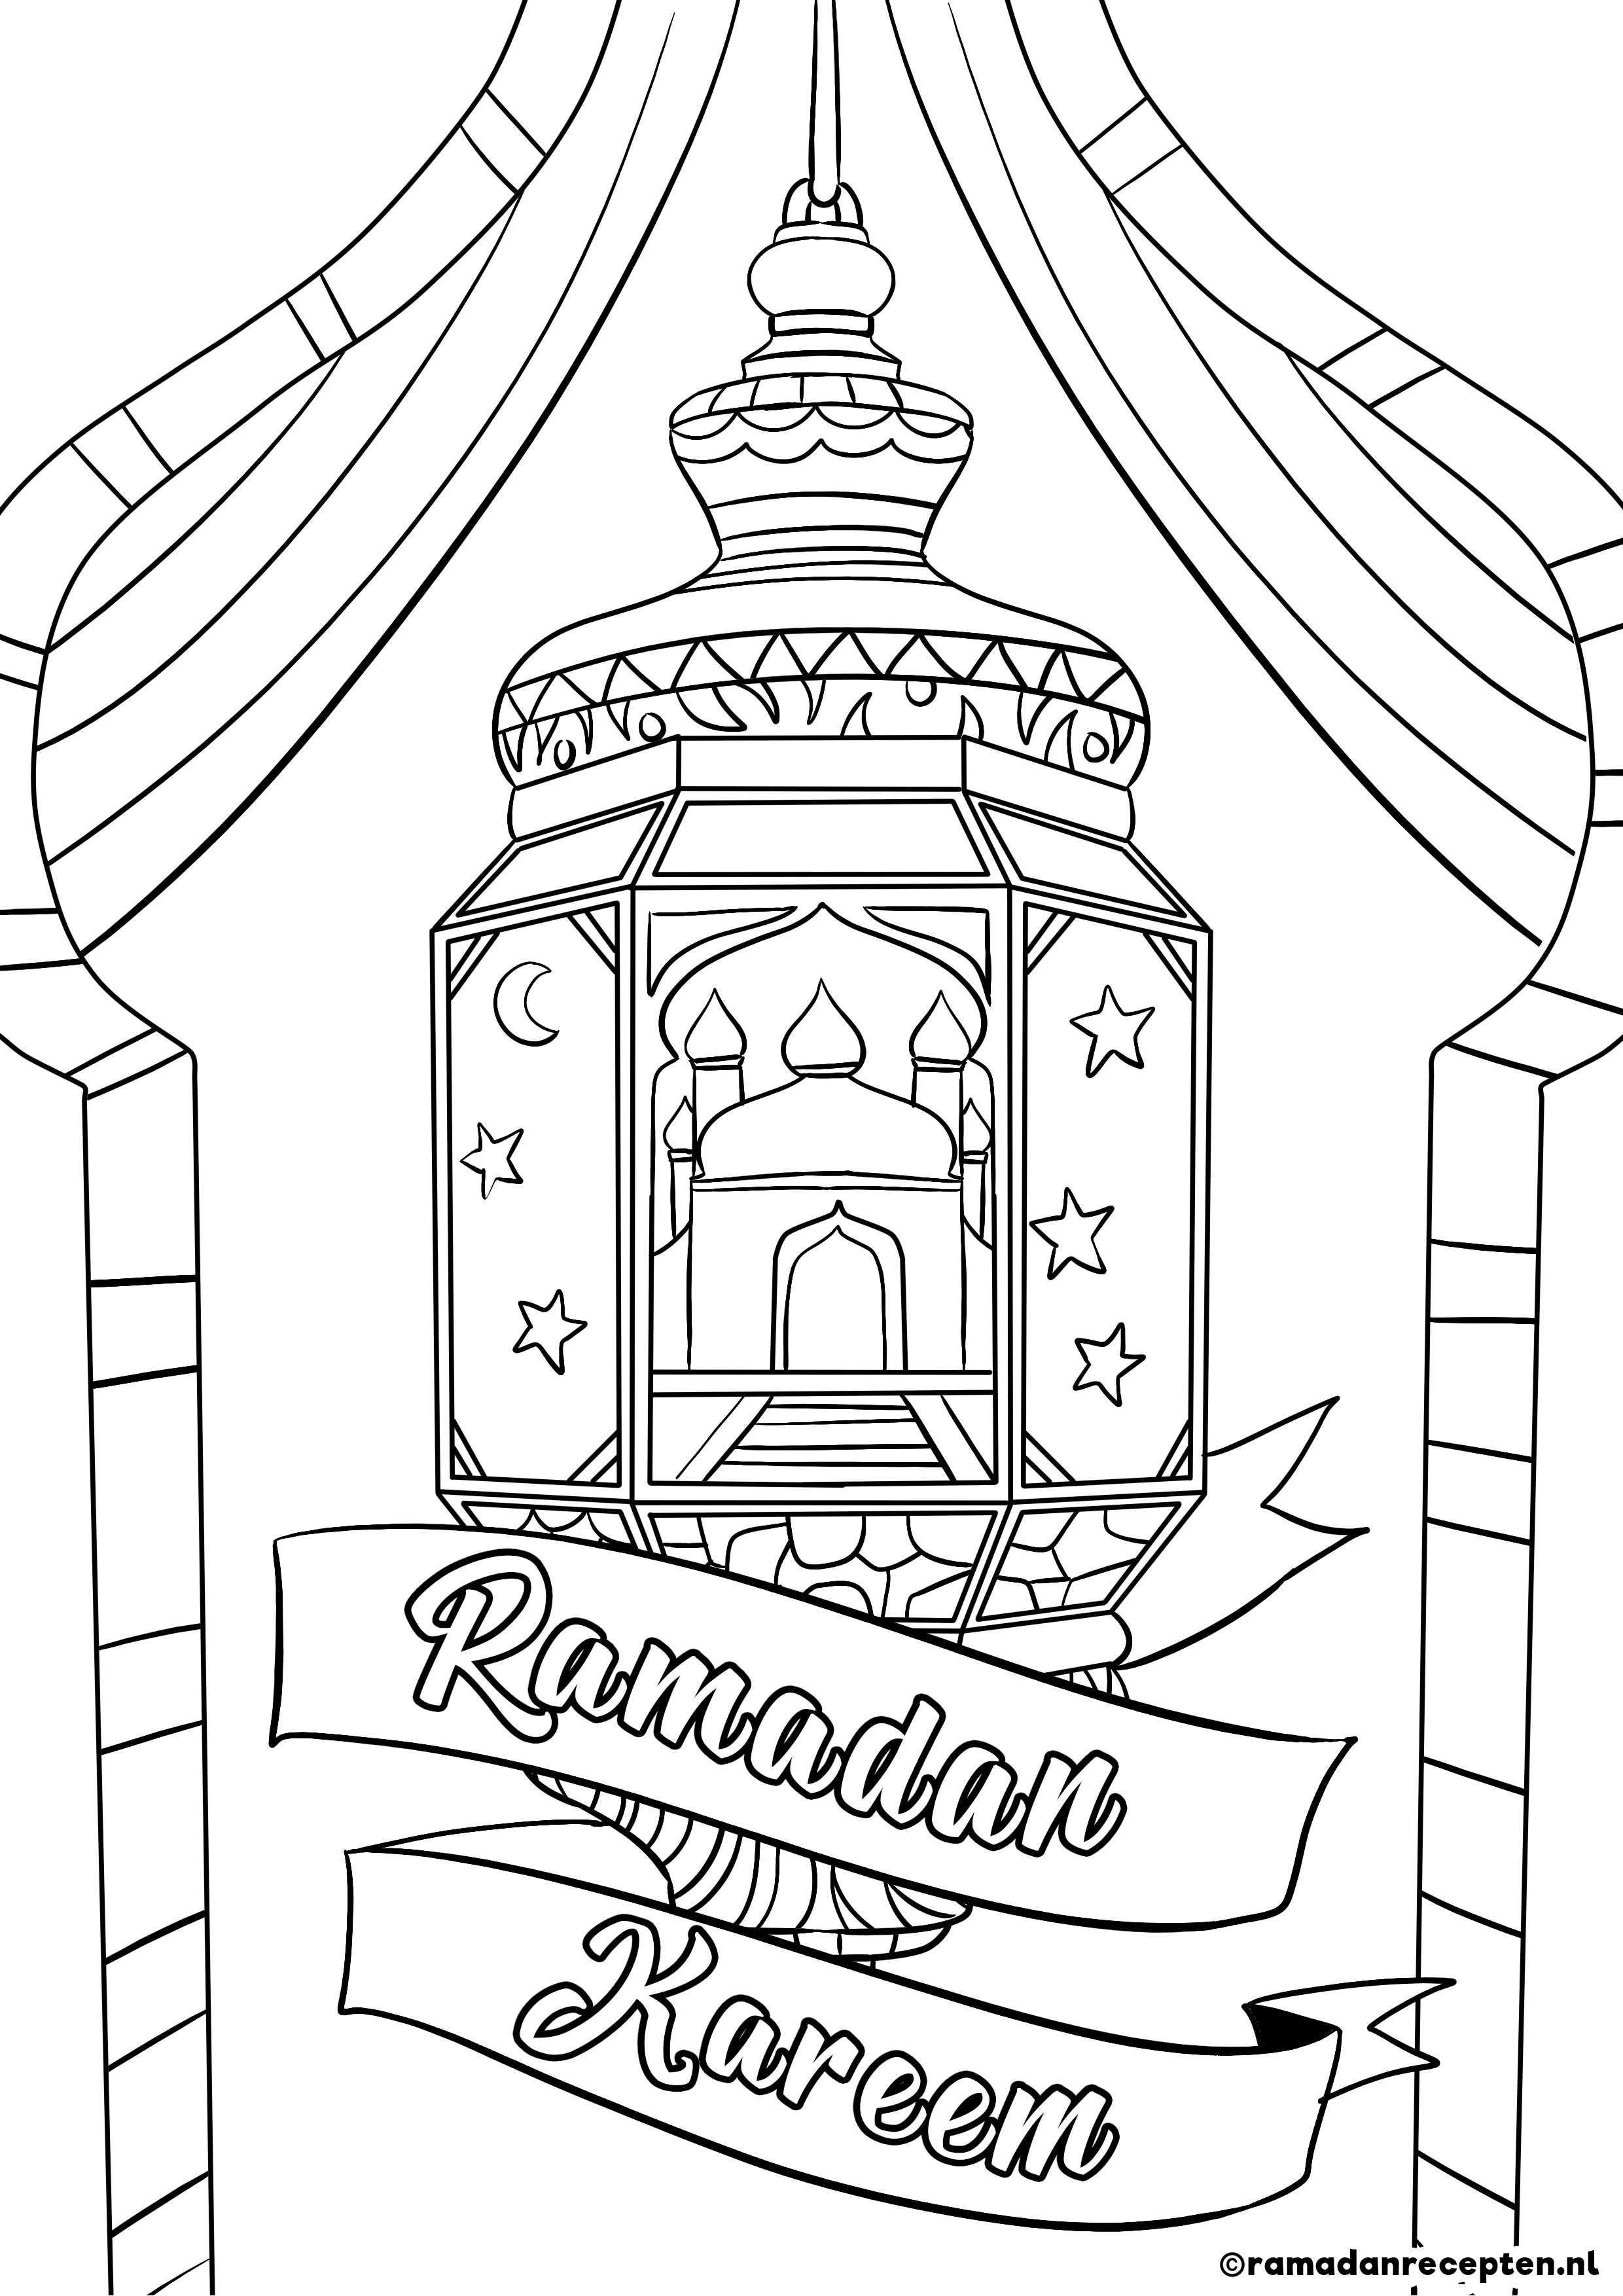 Freebie Ramadan Kleurplaten Voor Kinderen Ramadan Decoraties